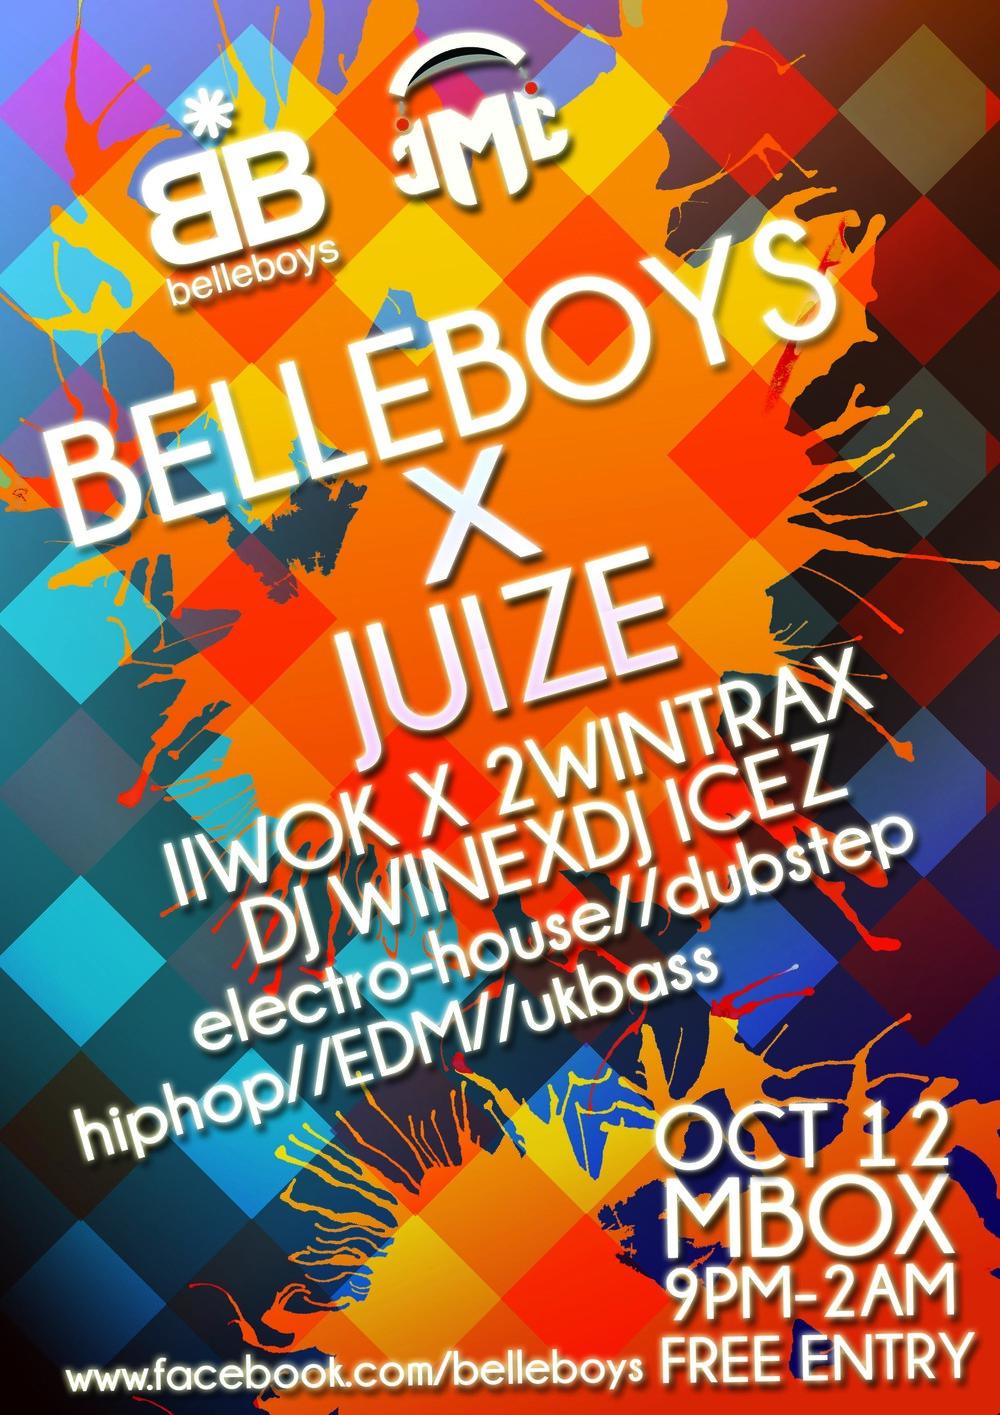 BelleboysxJuize